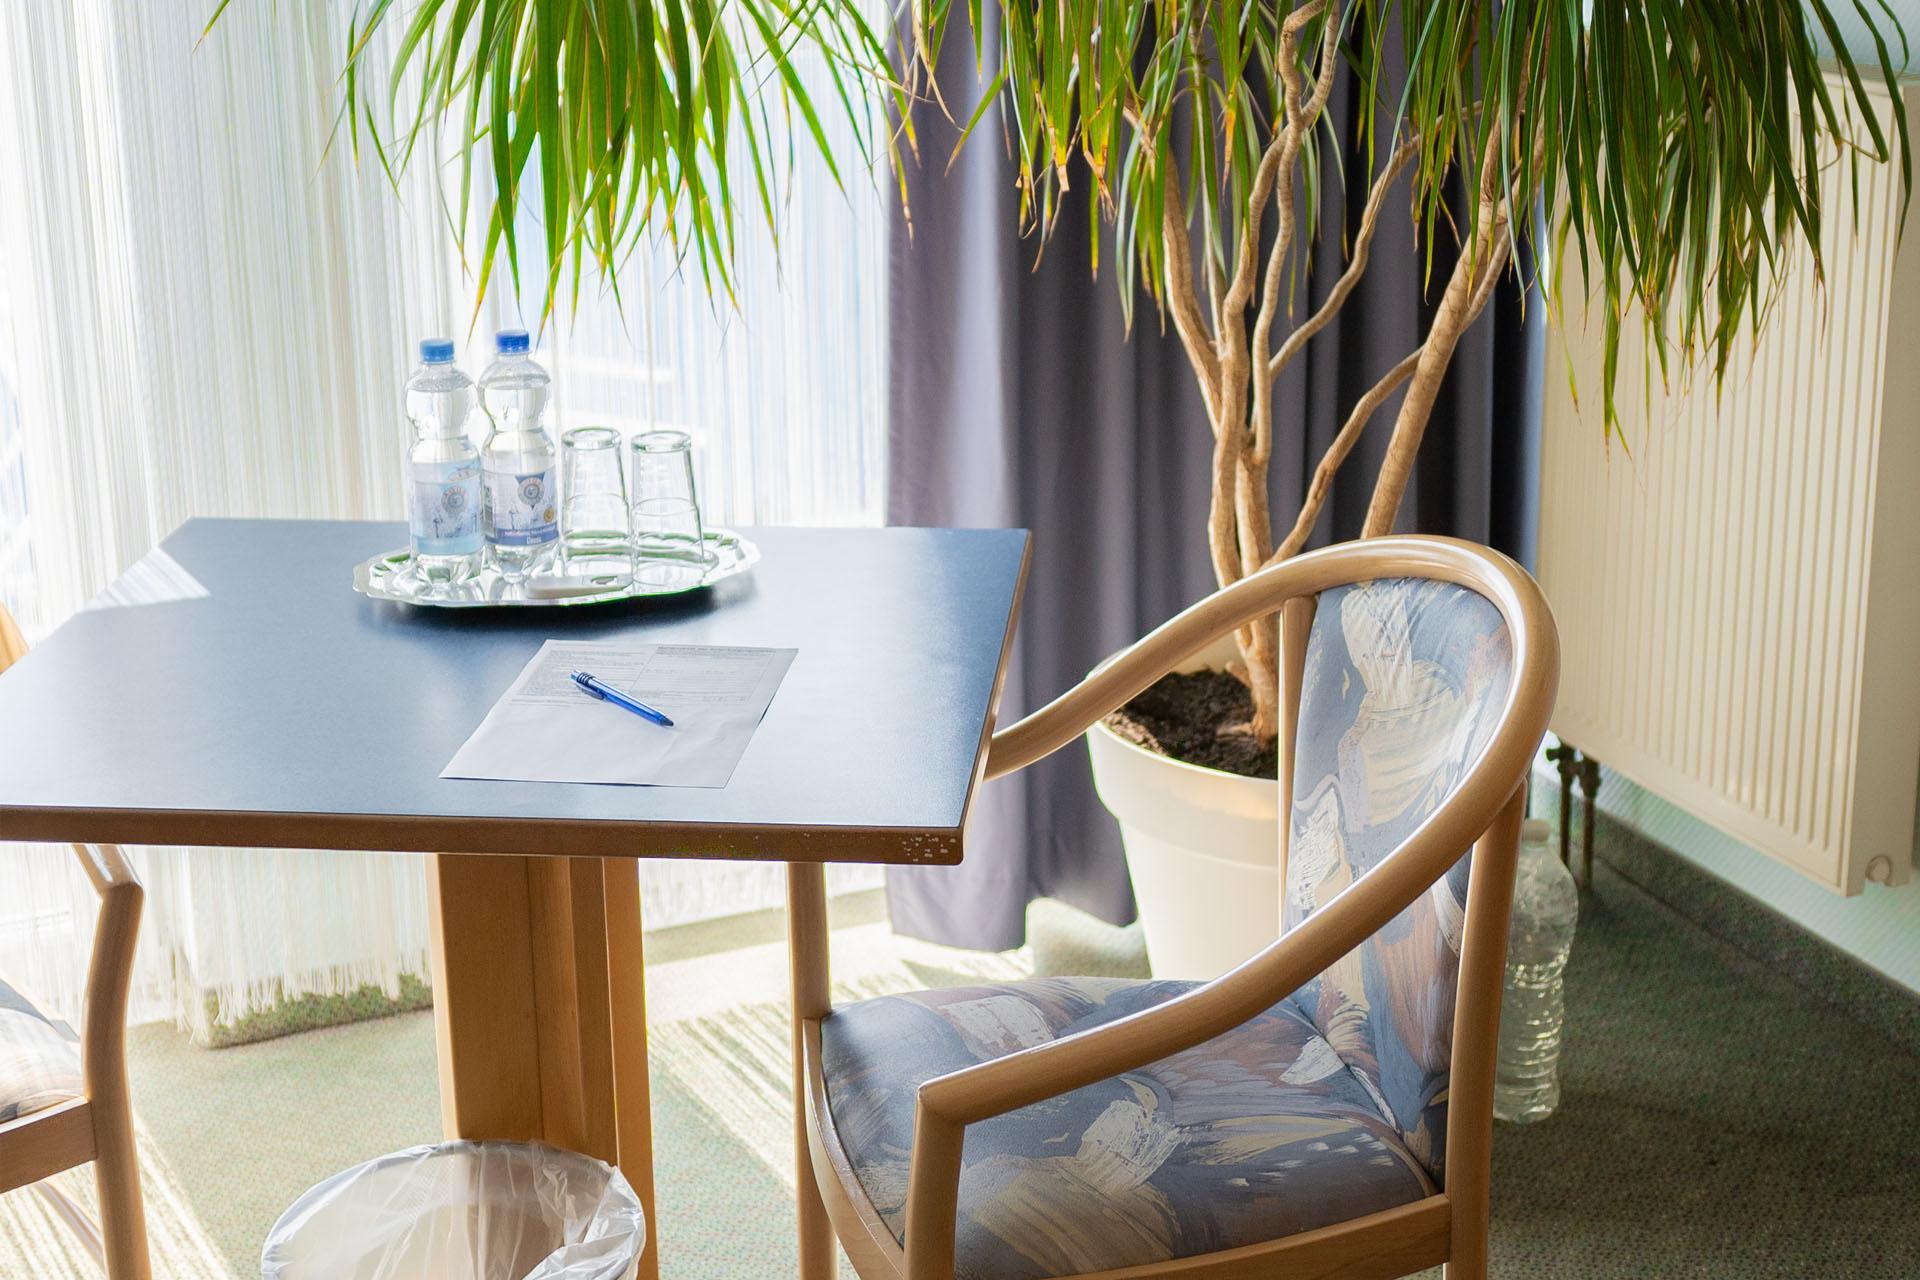 Hotel_Aggertal_Zimmer_Deluxezimmer_Tisch